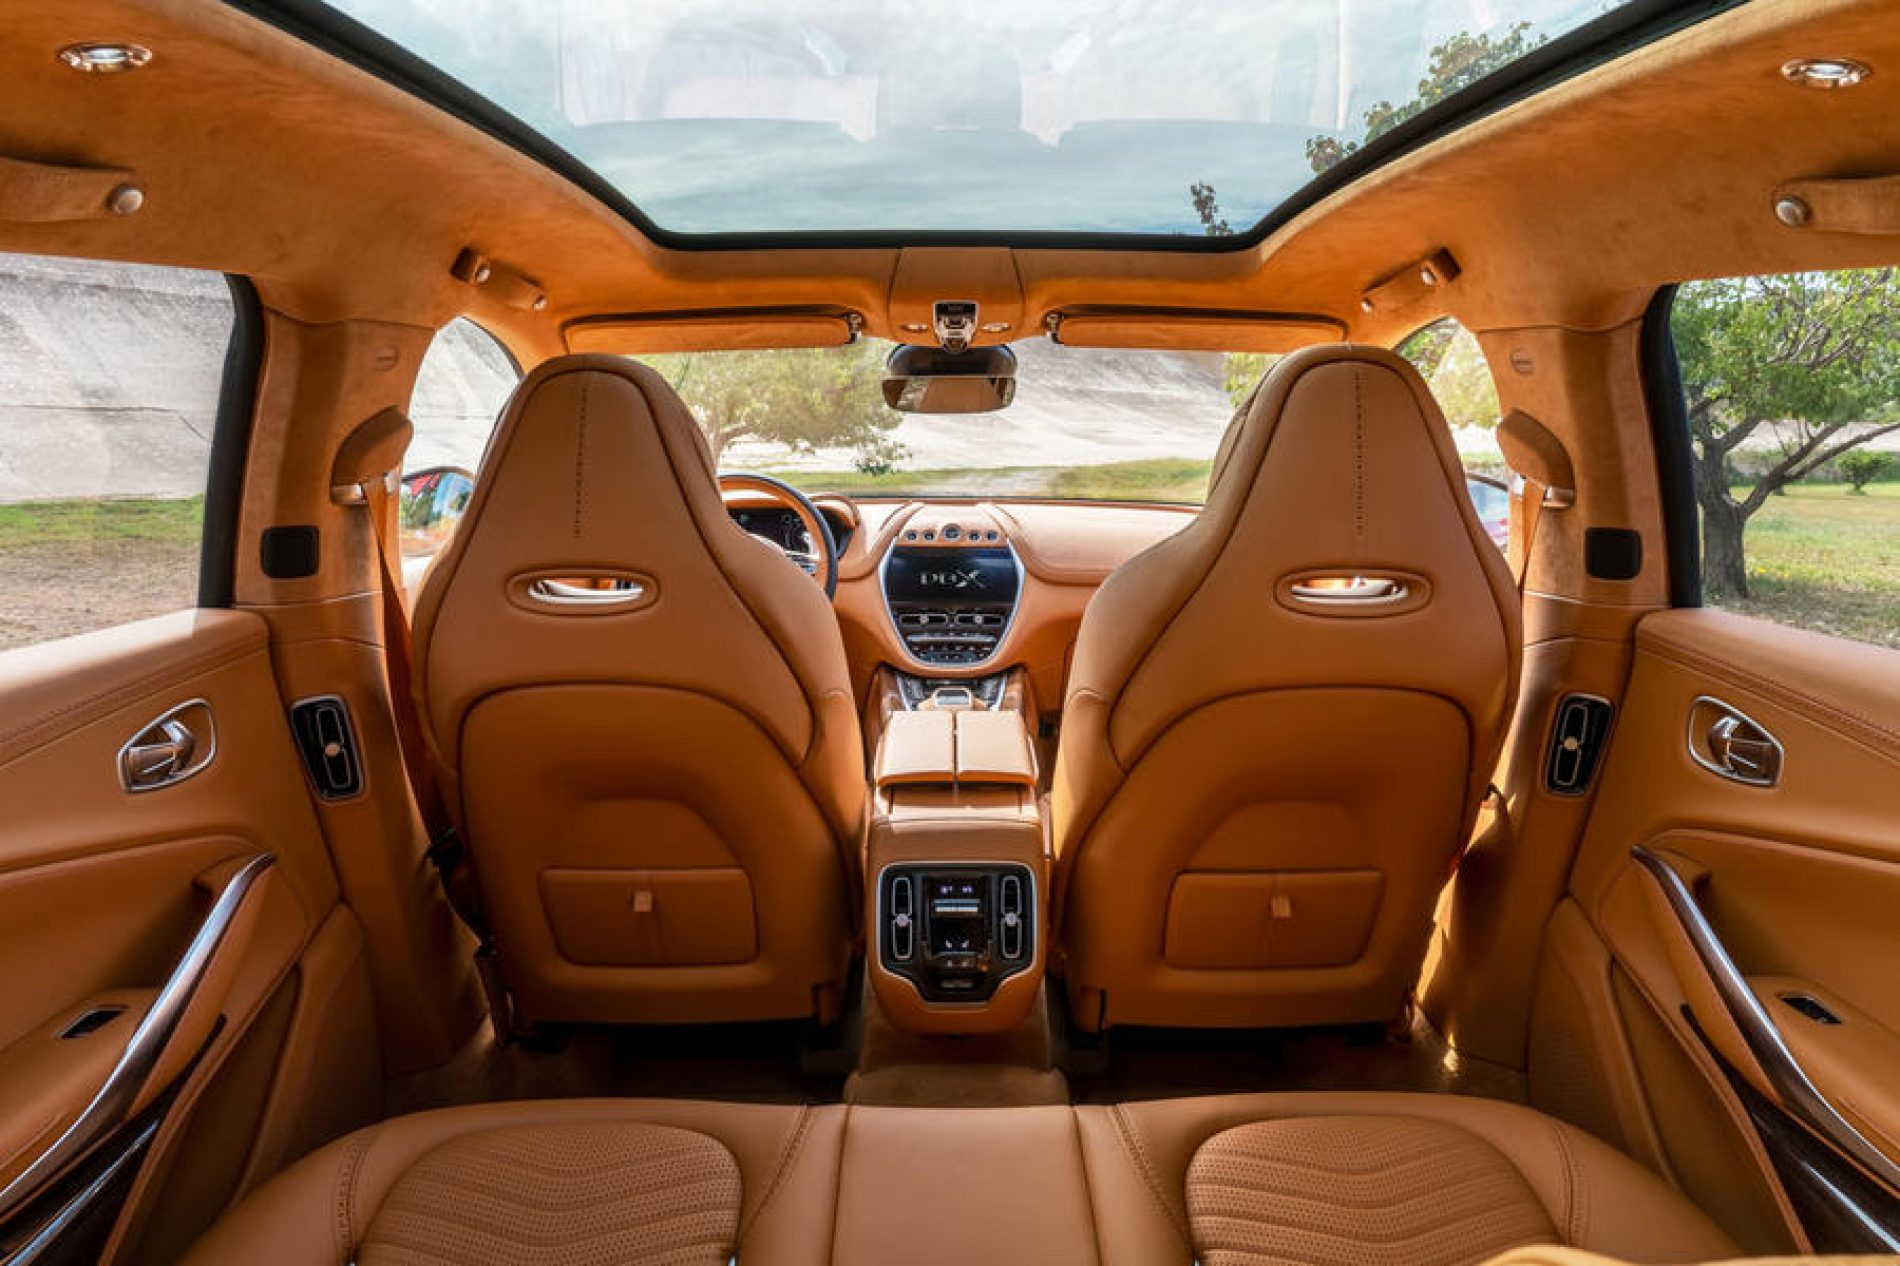 Ovo je unutrašnjost novog modela Aston Martina – izrađena na istoku Bosne